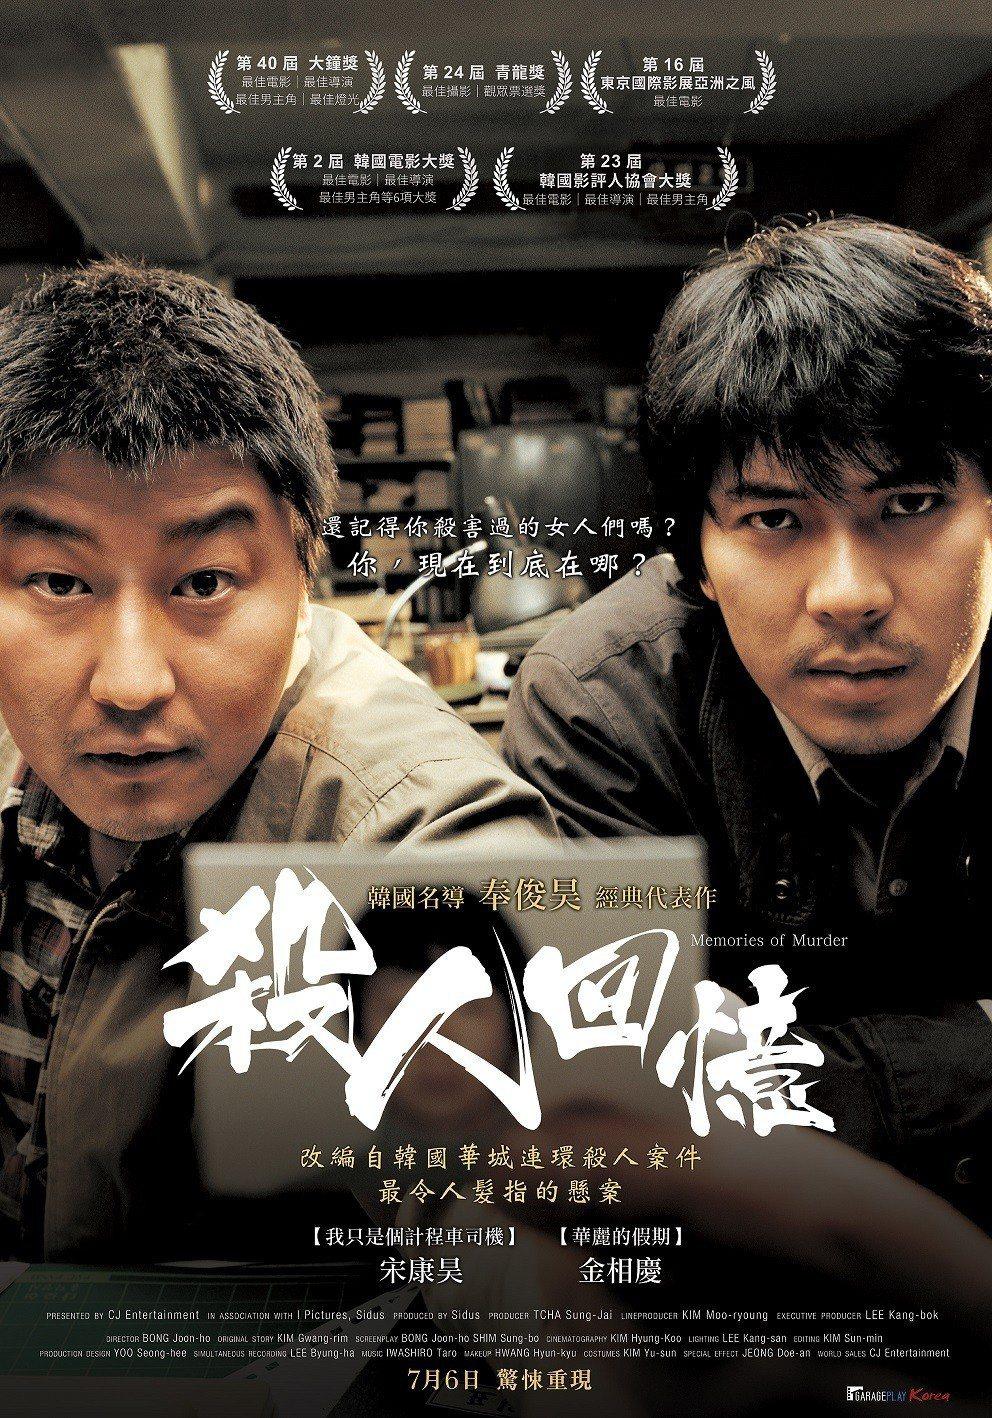 宋康昊主演的「殺人回憶」。圖/車庫娛樂提供